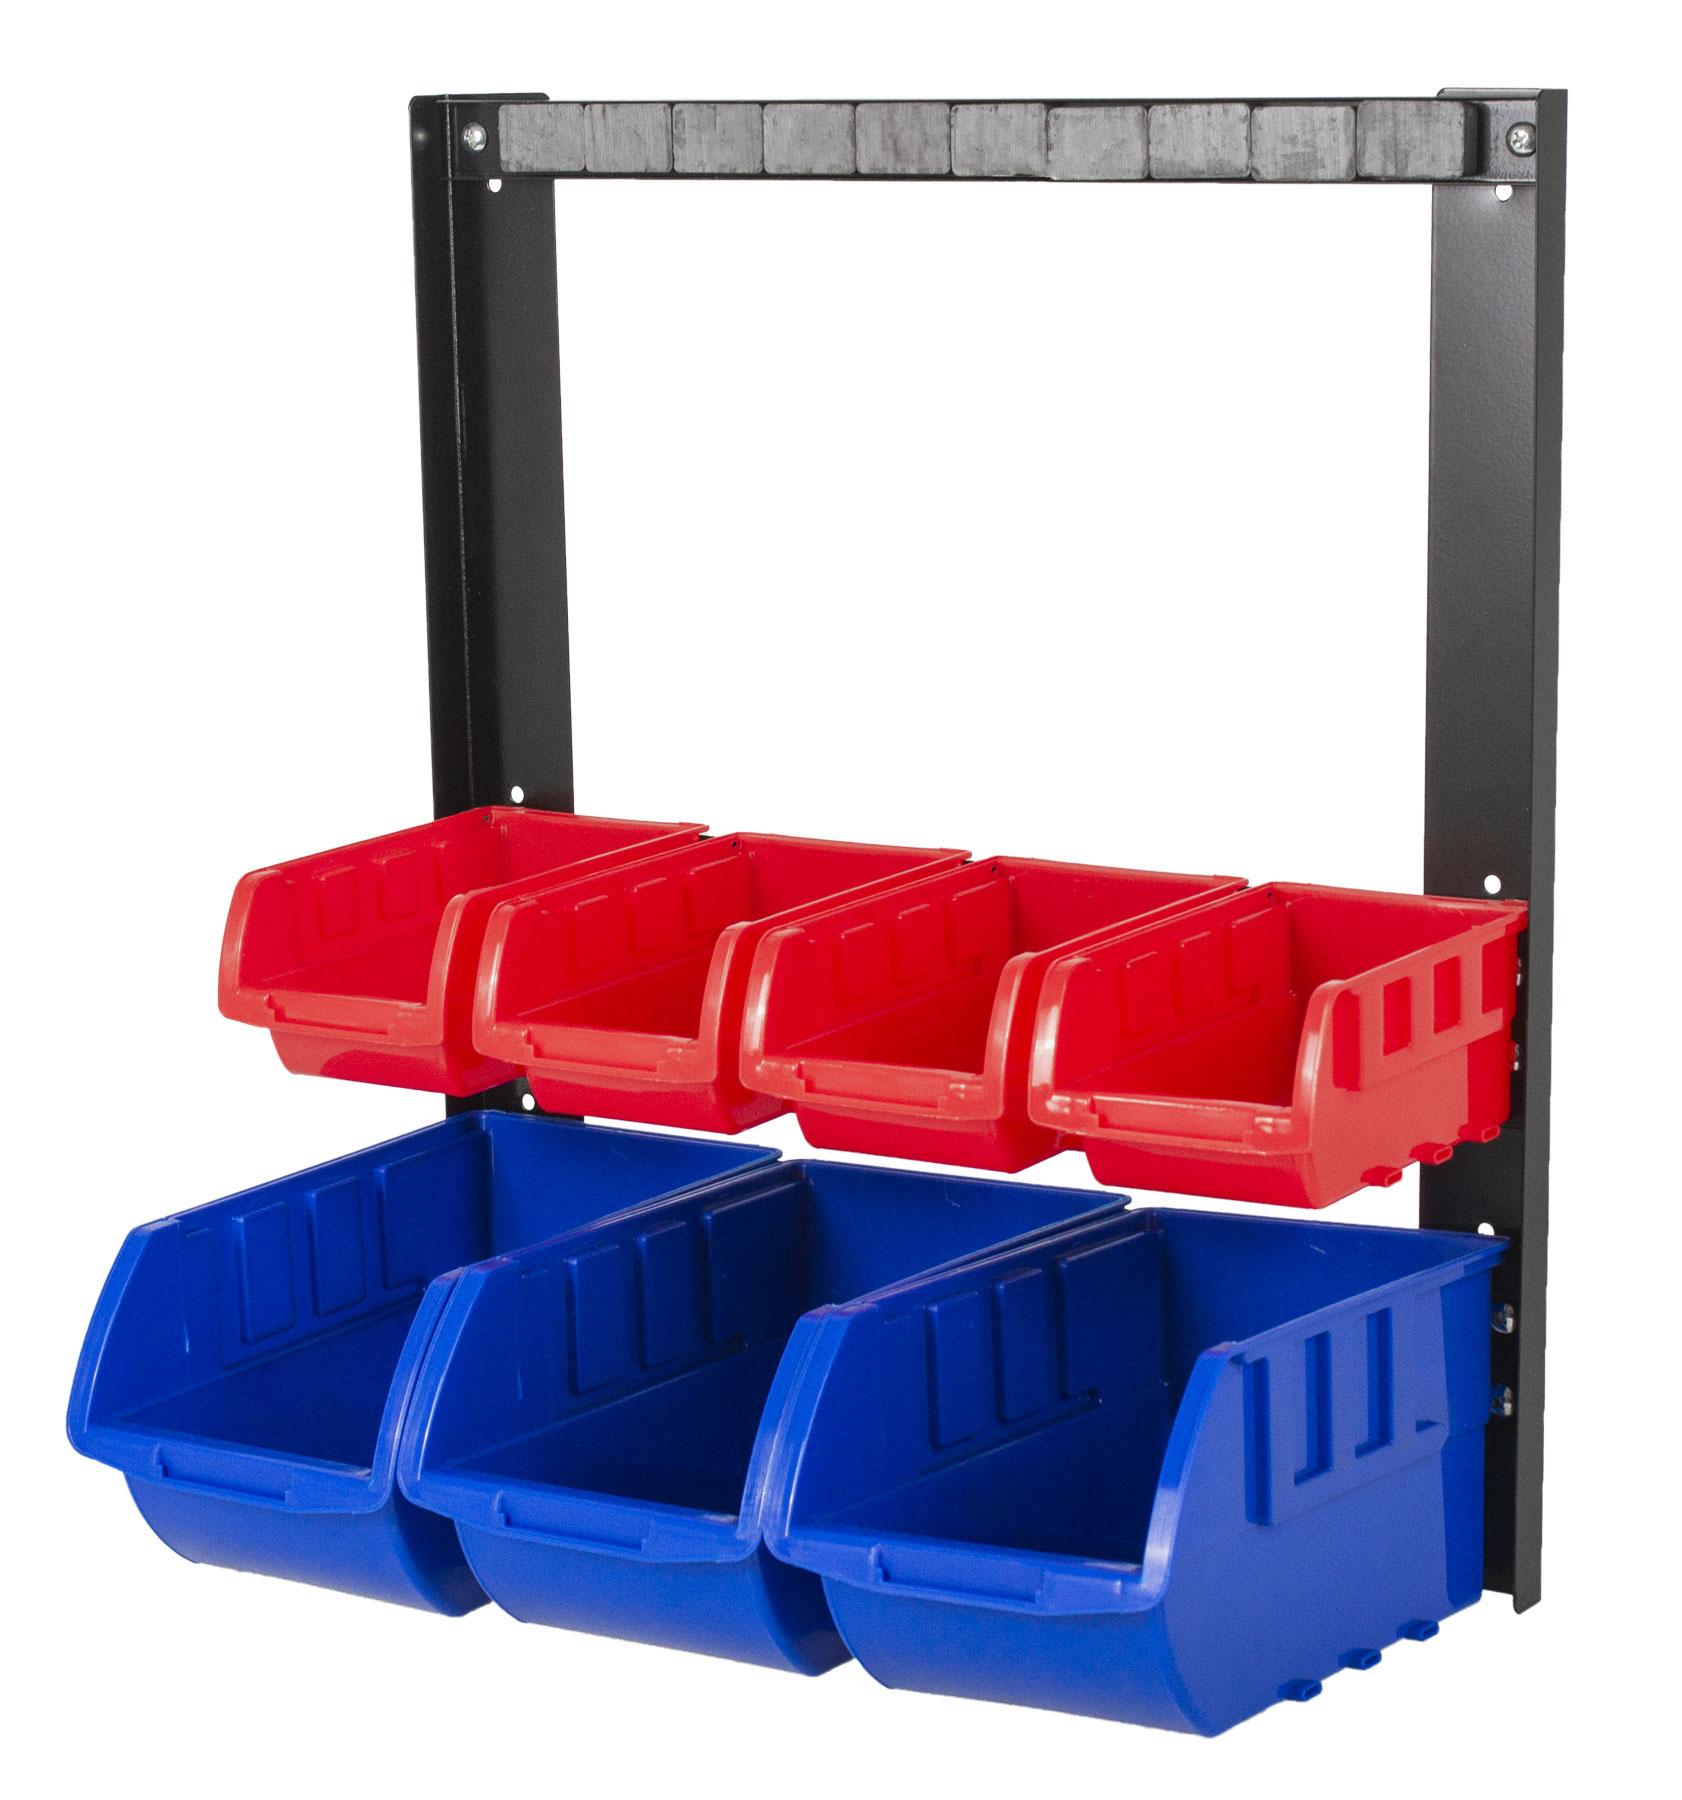 Kovový organizér s magnetickou lištou a 7 plastovými boxy (2/7) - MSBRW1707 AHProfi